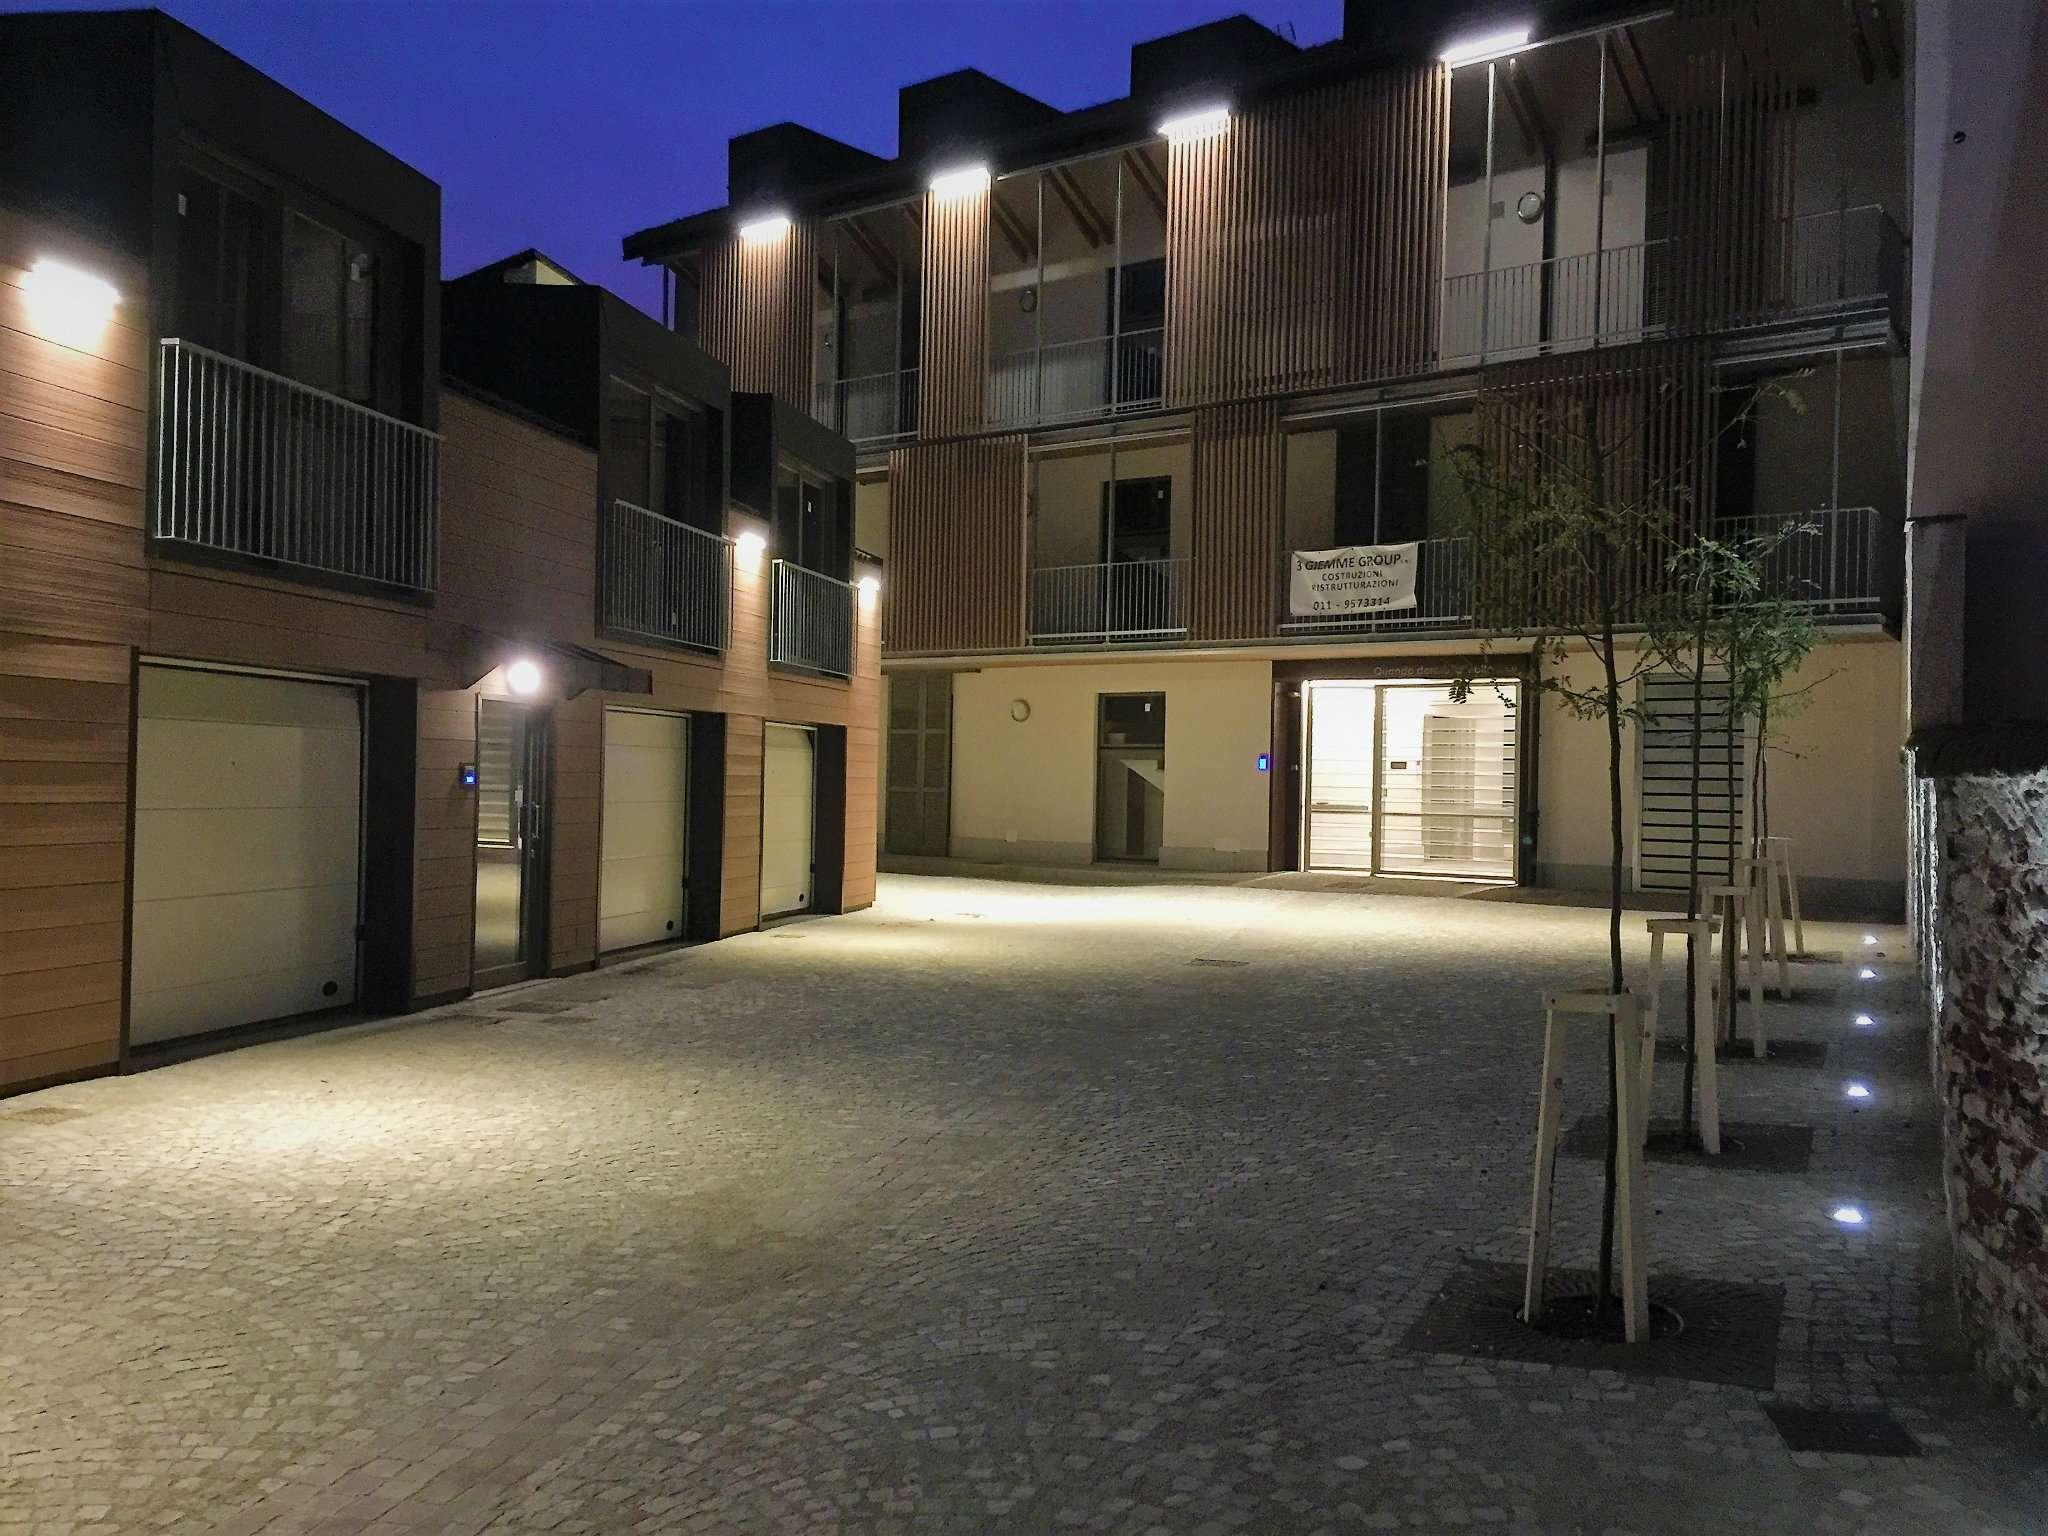 Ufficio / Studio in affitto a Rivoli, 5 locali, prezzo € 1.900 | PortaleAgenzieImmobiliari.it